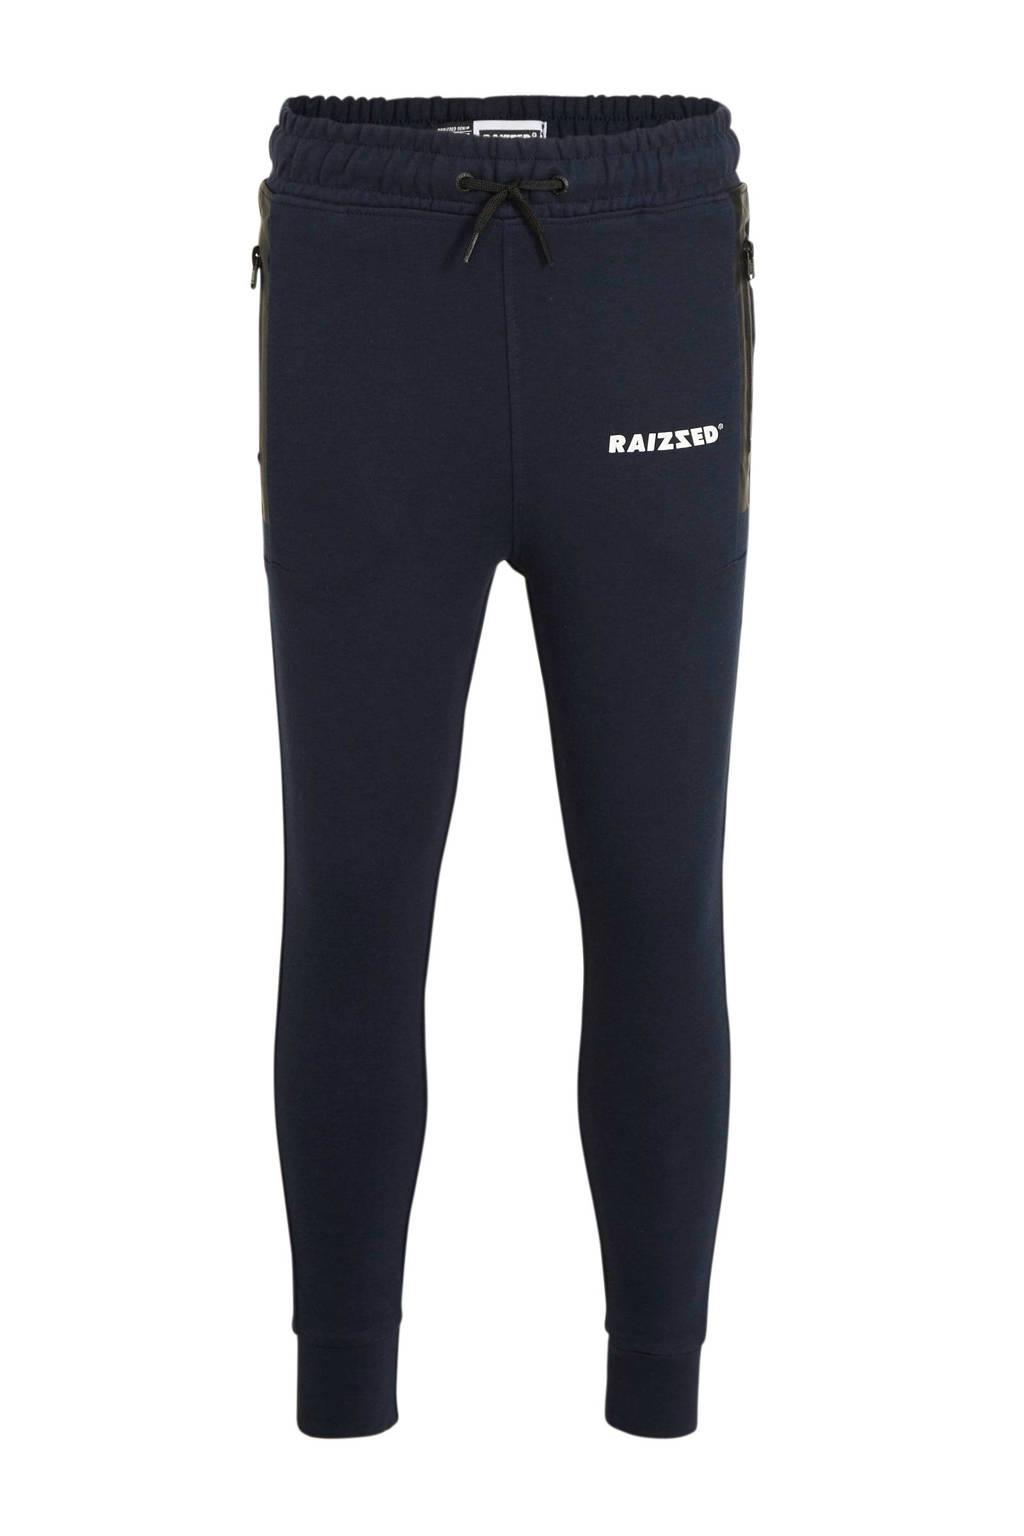 Raizzed   skinny joggingbroek Seattle donkerblauw/wit/zwart, Donkerblauw/wit/zwart